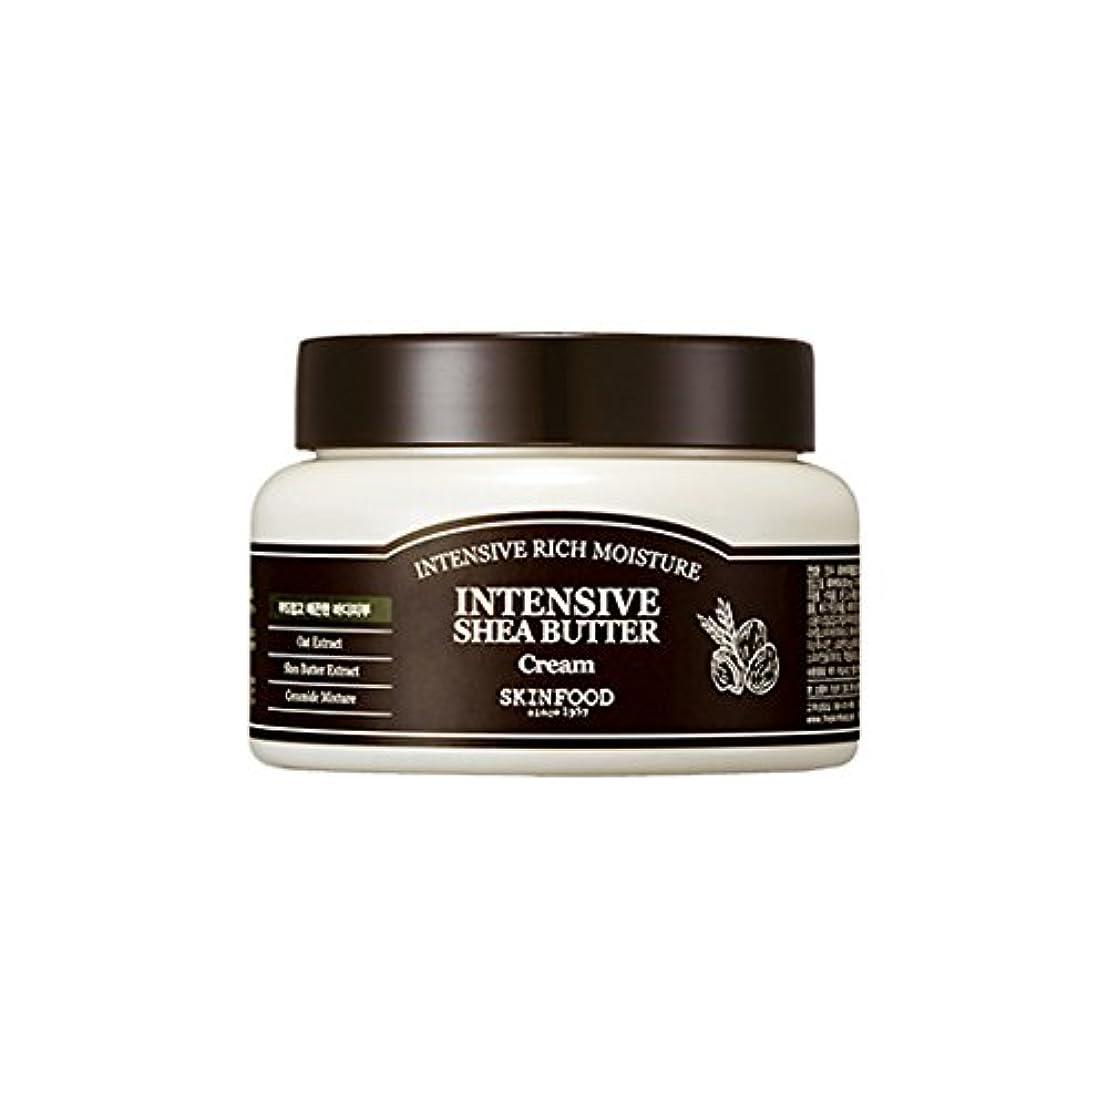 速度削るマウス[New] SKINFOOD Intensive Shea Butter Cream 225ml/スキンフード インテンシブ シア バター クリーム 225ml [並行輸入品]